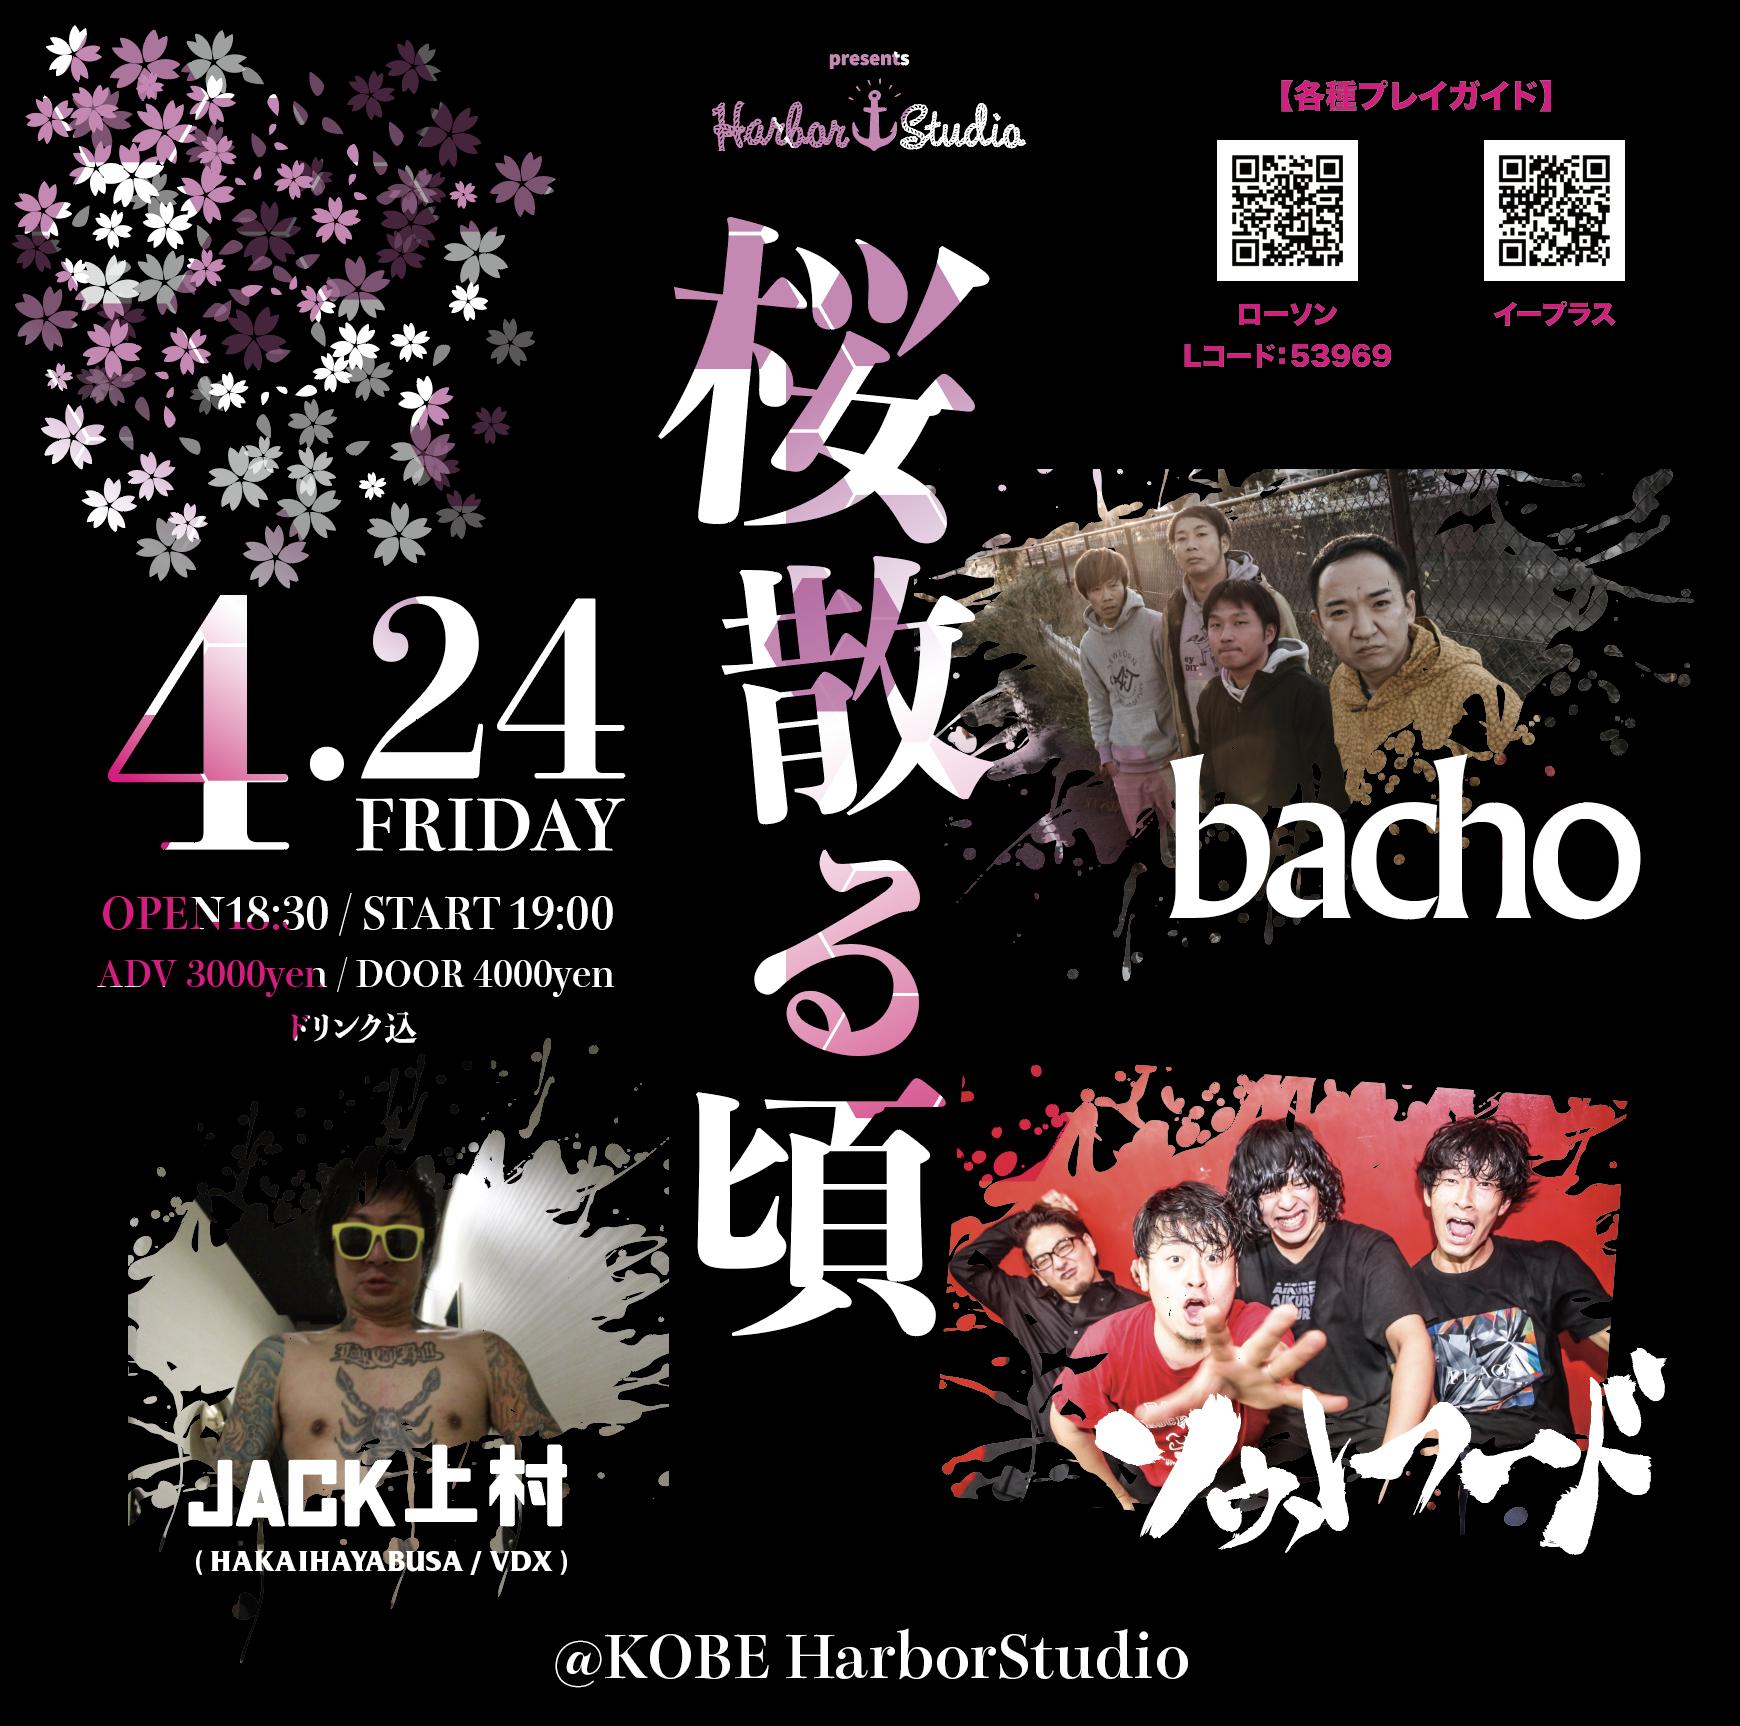 Harbor Studio presents「桜散る頃」